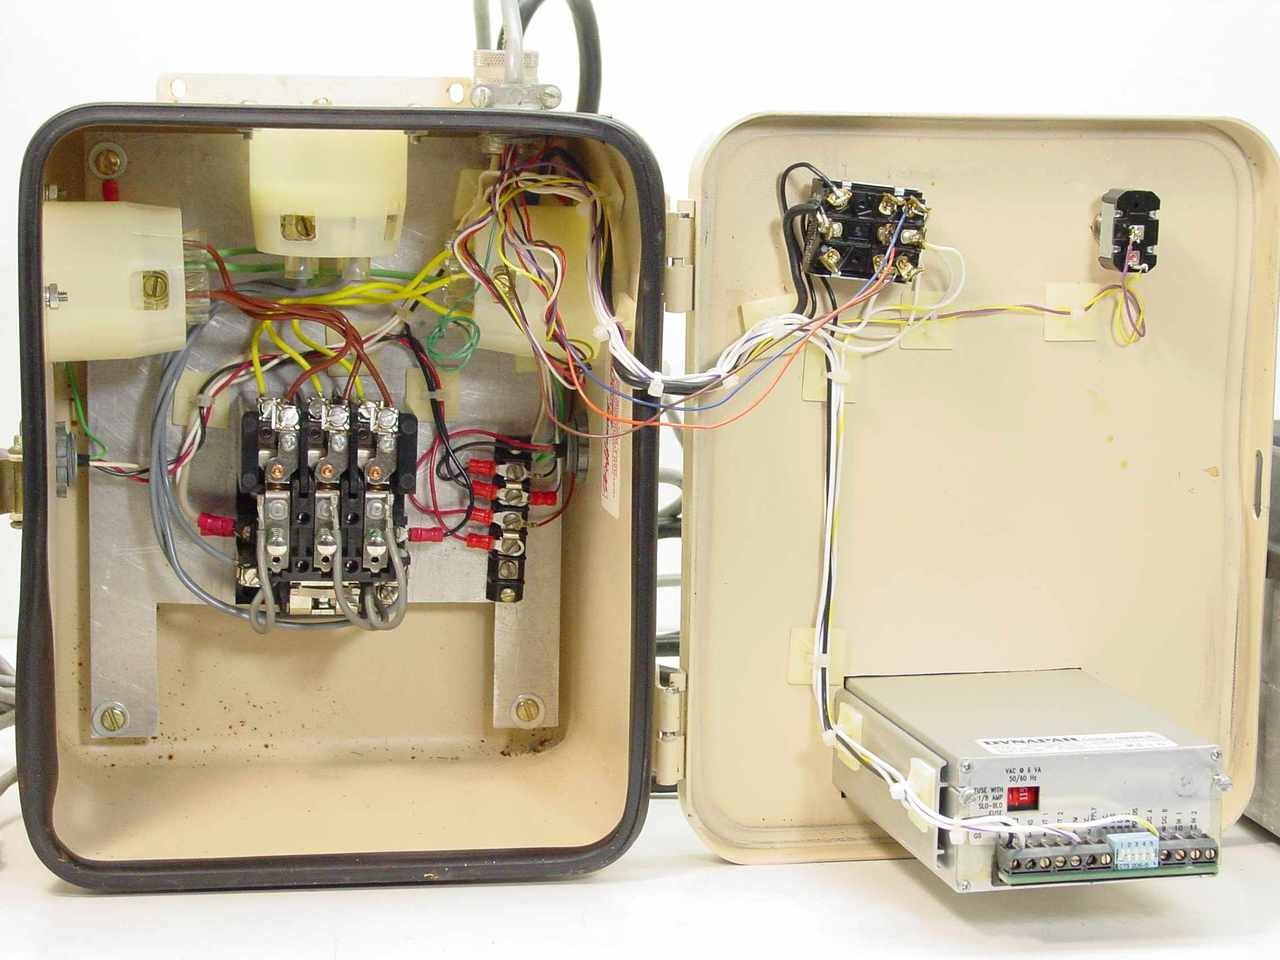 woods wfc1001 0c e trac wfc ht ac inverter drive w dynapar tach  [ 1280 x 960 Pixel ]